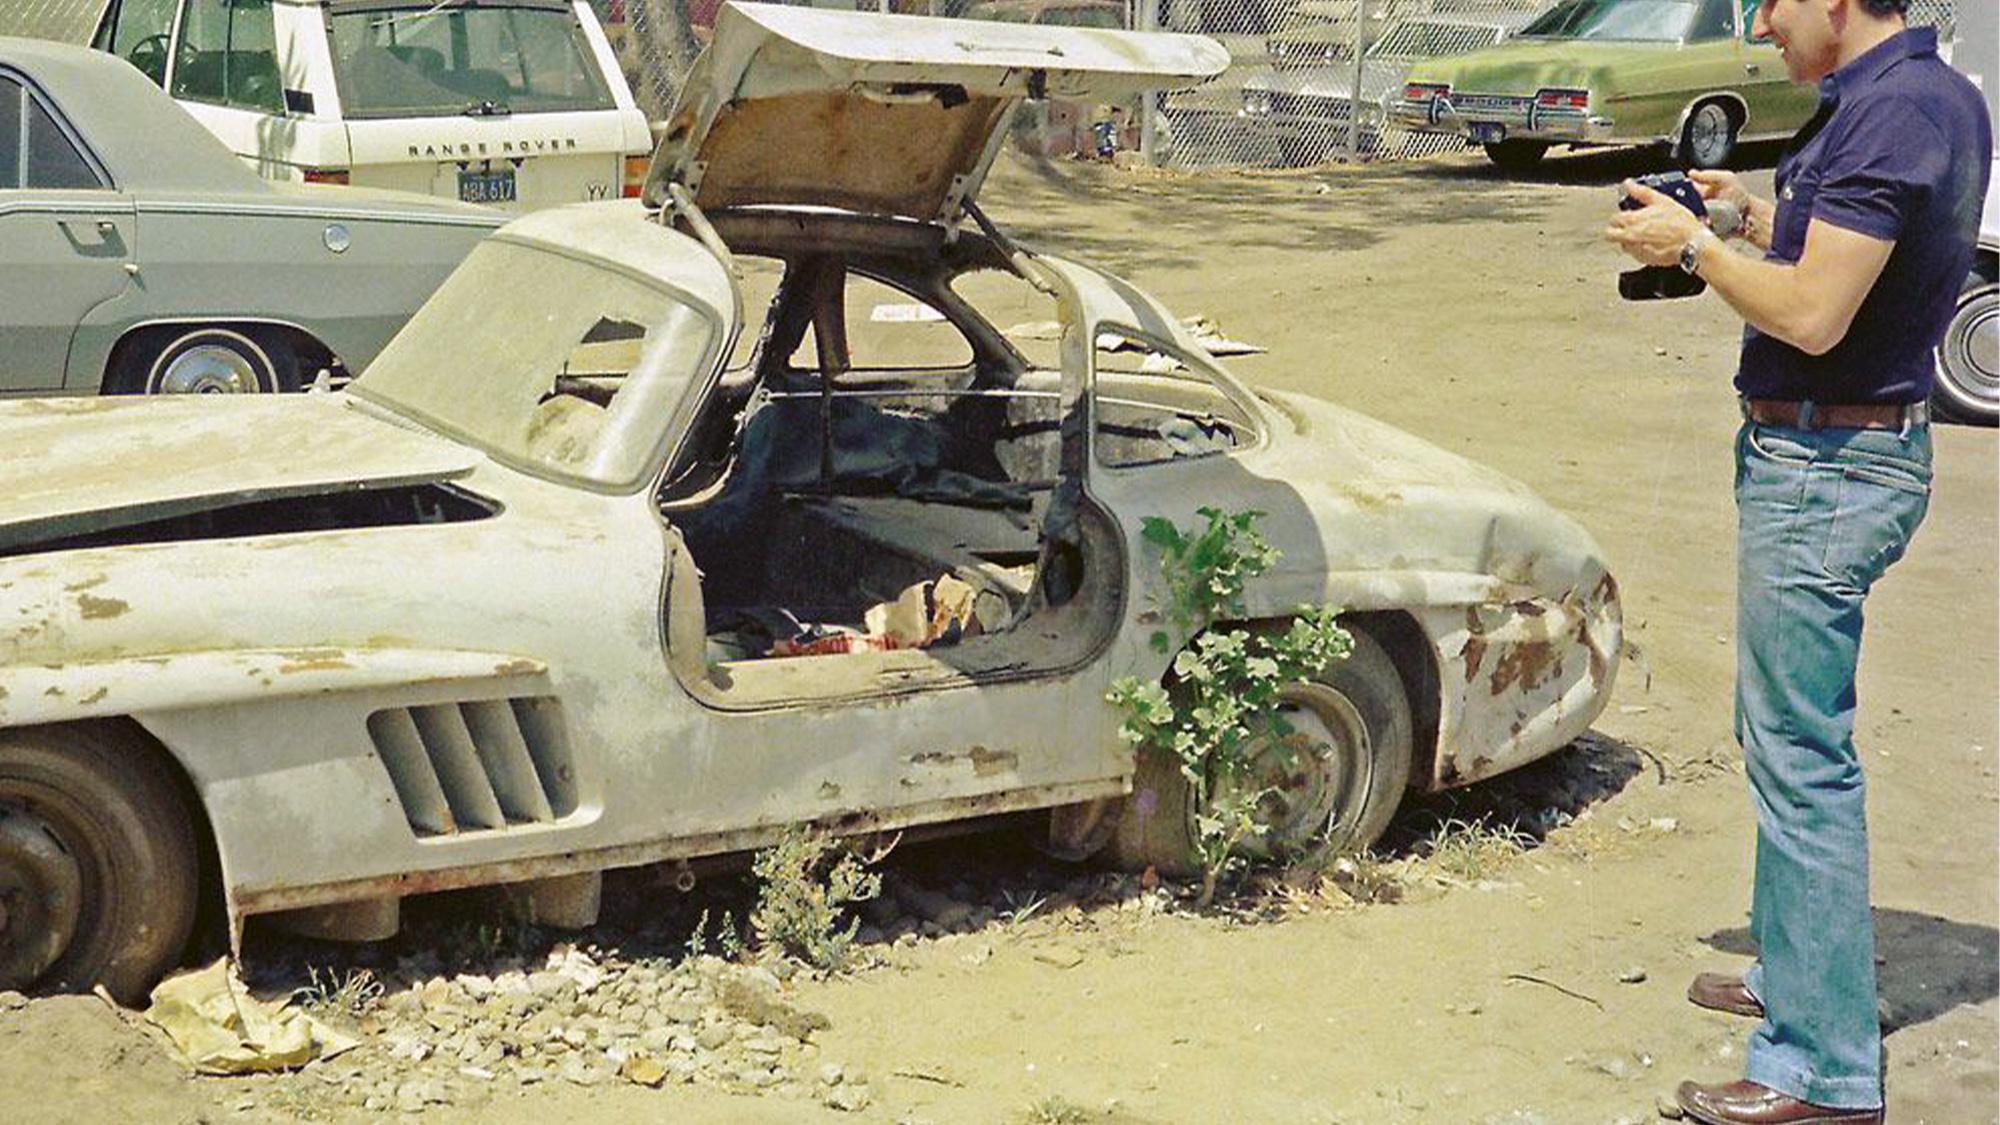 Mercedes Gullwing in scrapyard